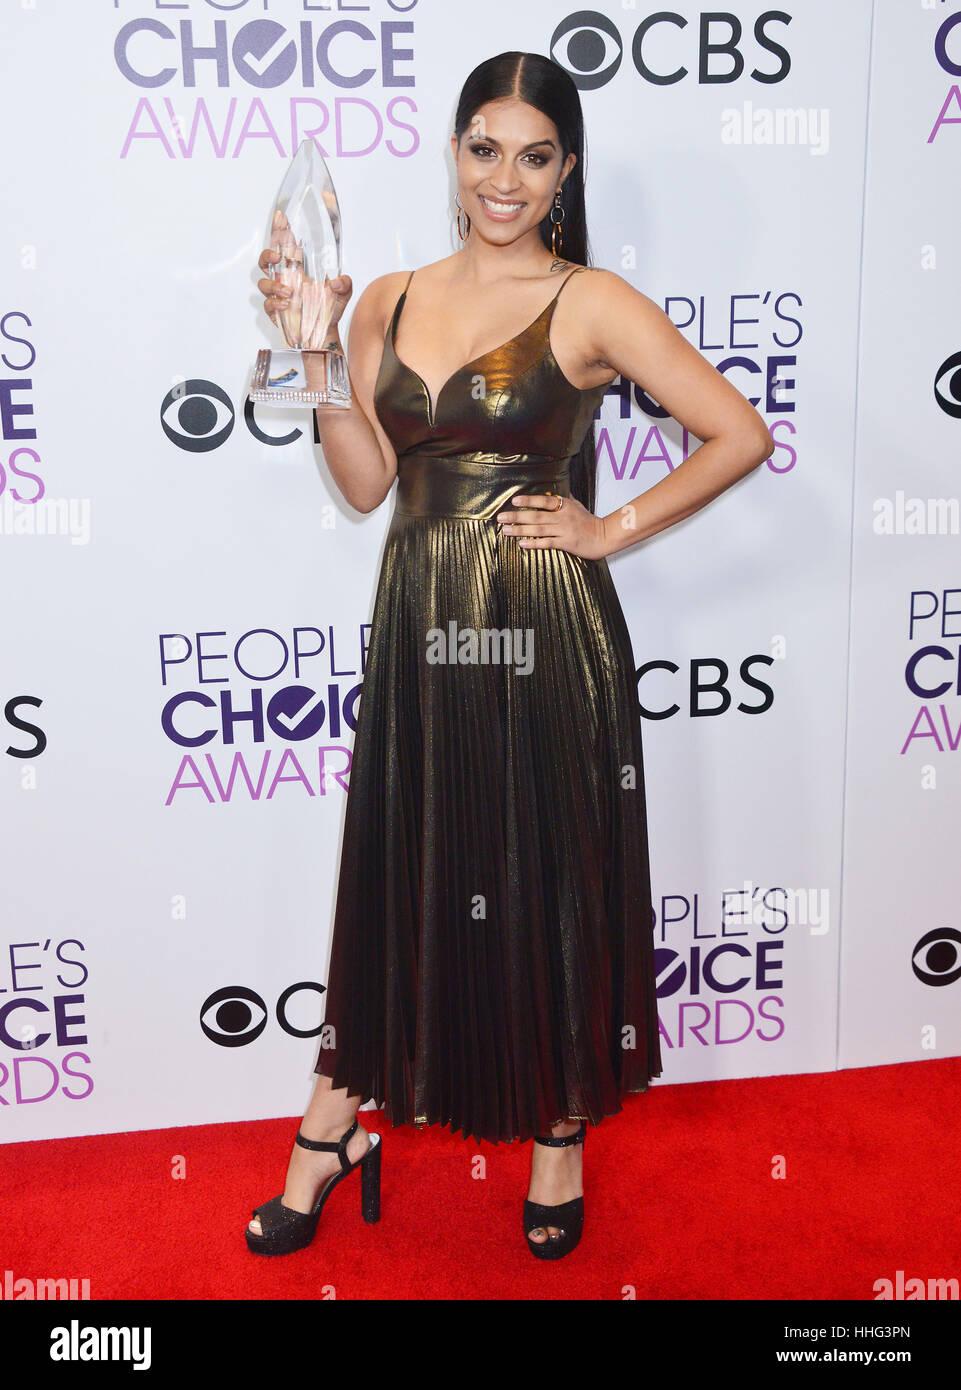 Lilly Singh 269 llegando a los People's Choice Awards 2017 en Microsoft Theatre de Los Angeles. El 18 de enero Imagen De Stock